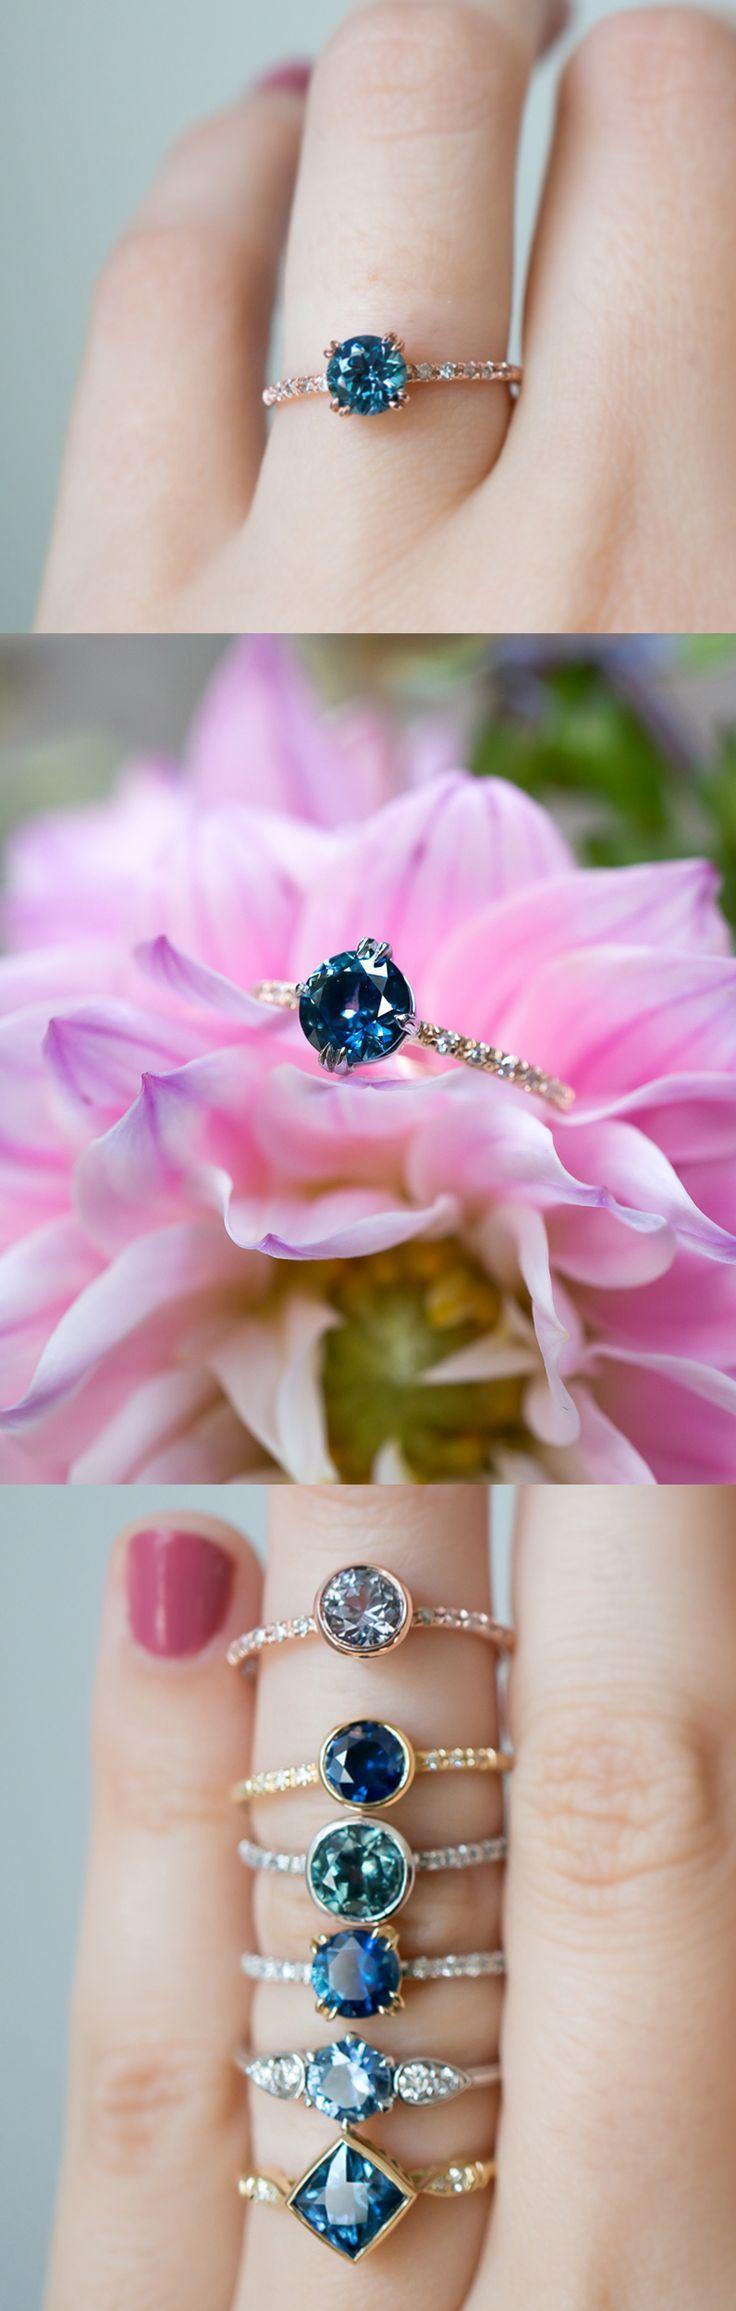 72 best Diamond Alternative Engagement Rings images on Pinterest ...